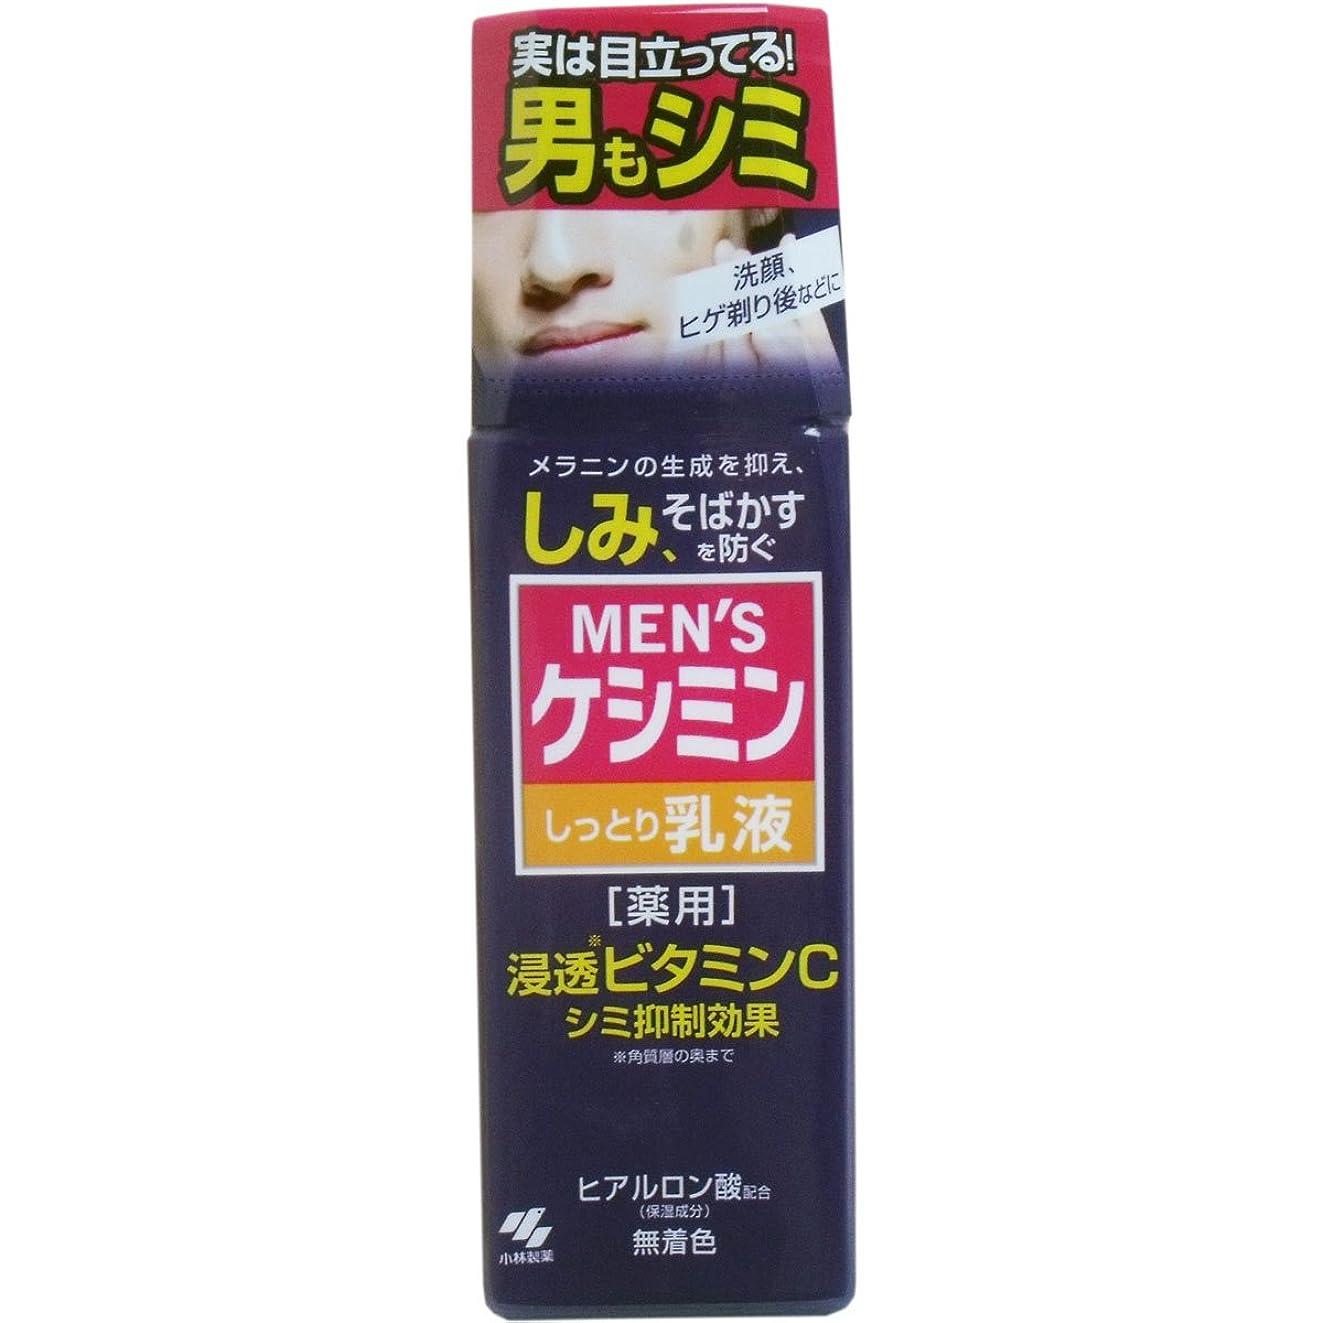 ブロー詐欺通信網【小林製薬】メンズケシミン乳液 110ml ×3個セット